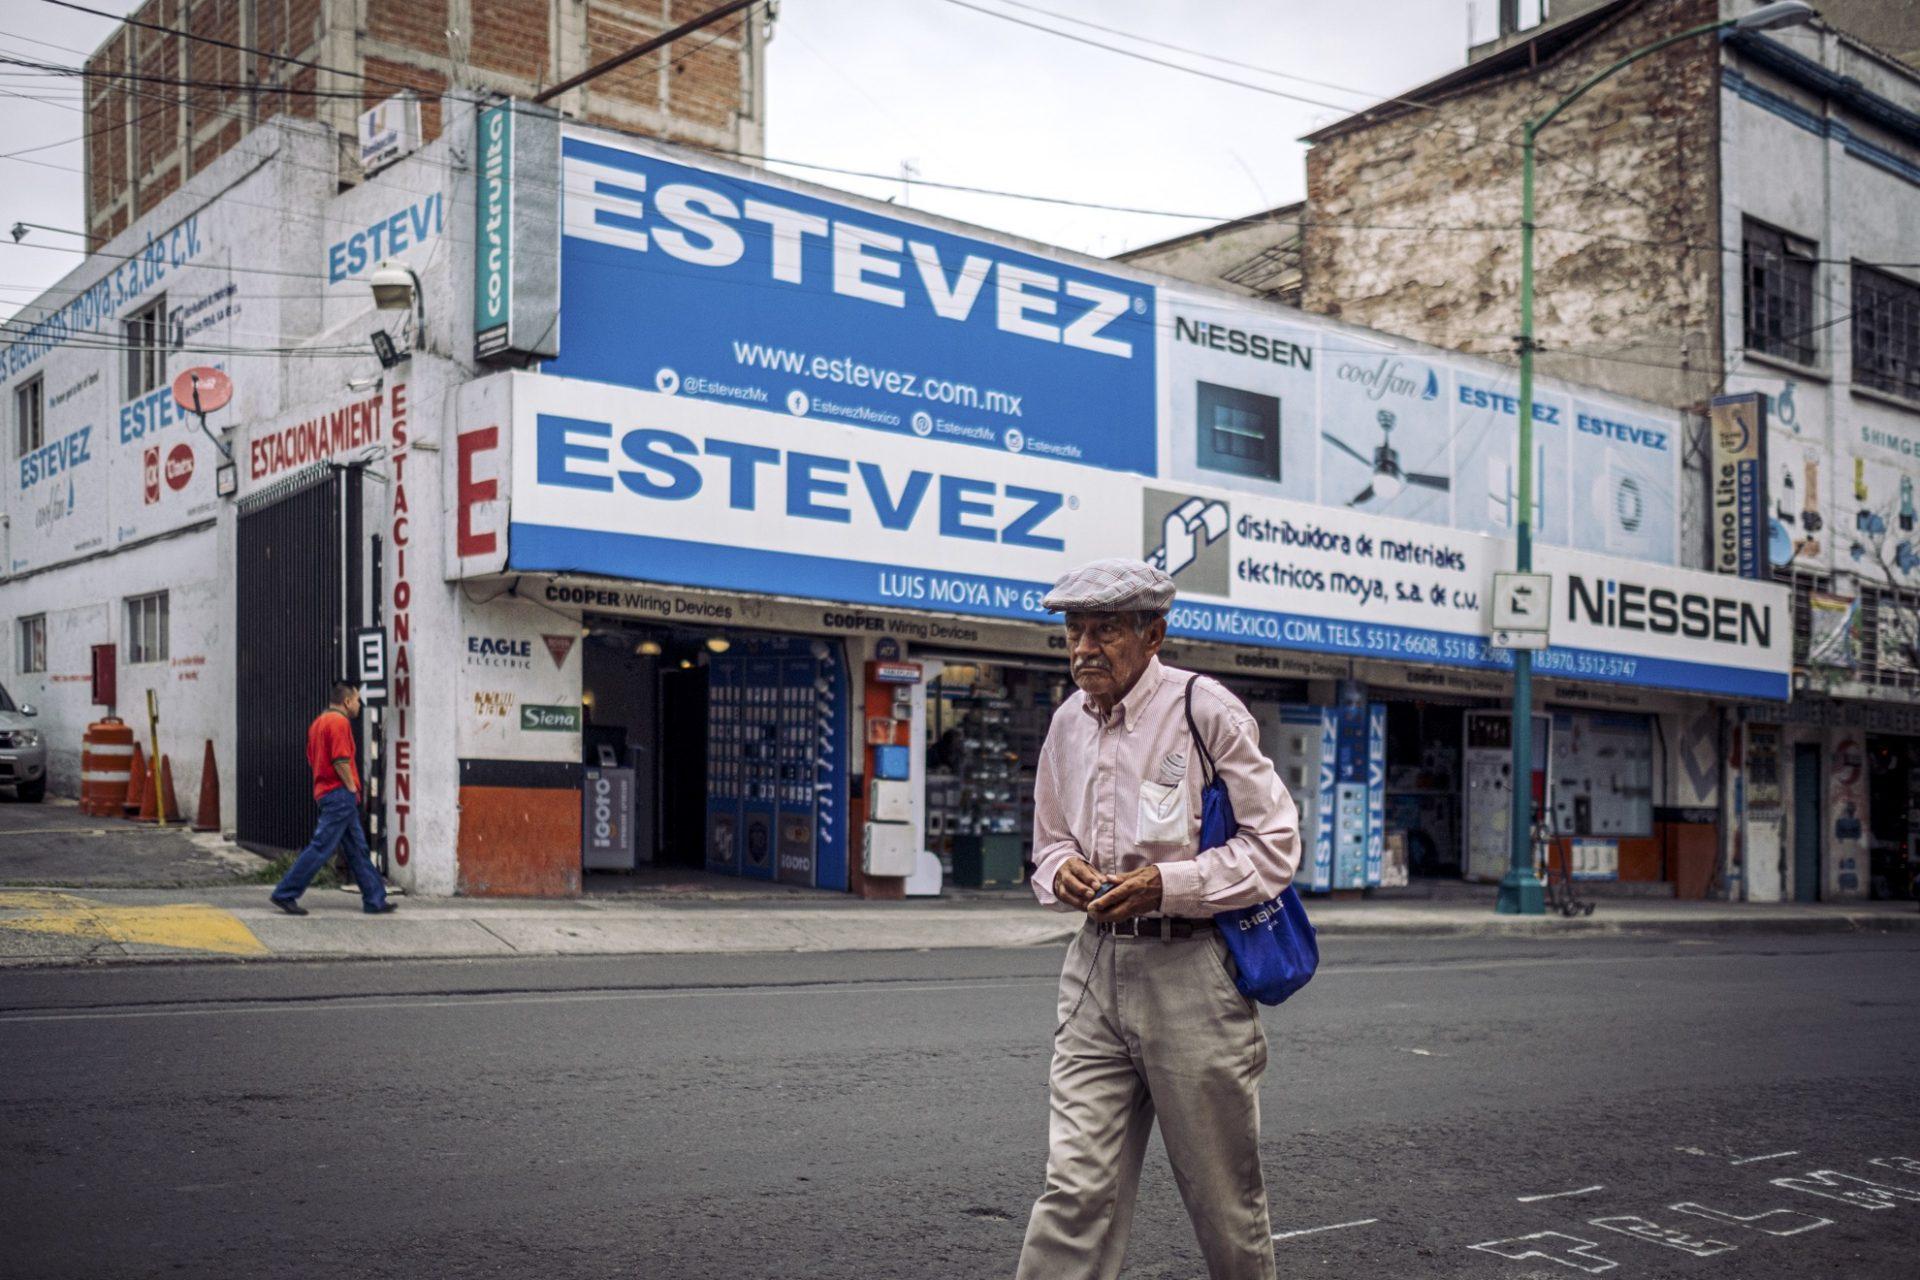 mexique@laurent parienti - 26